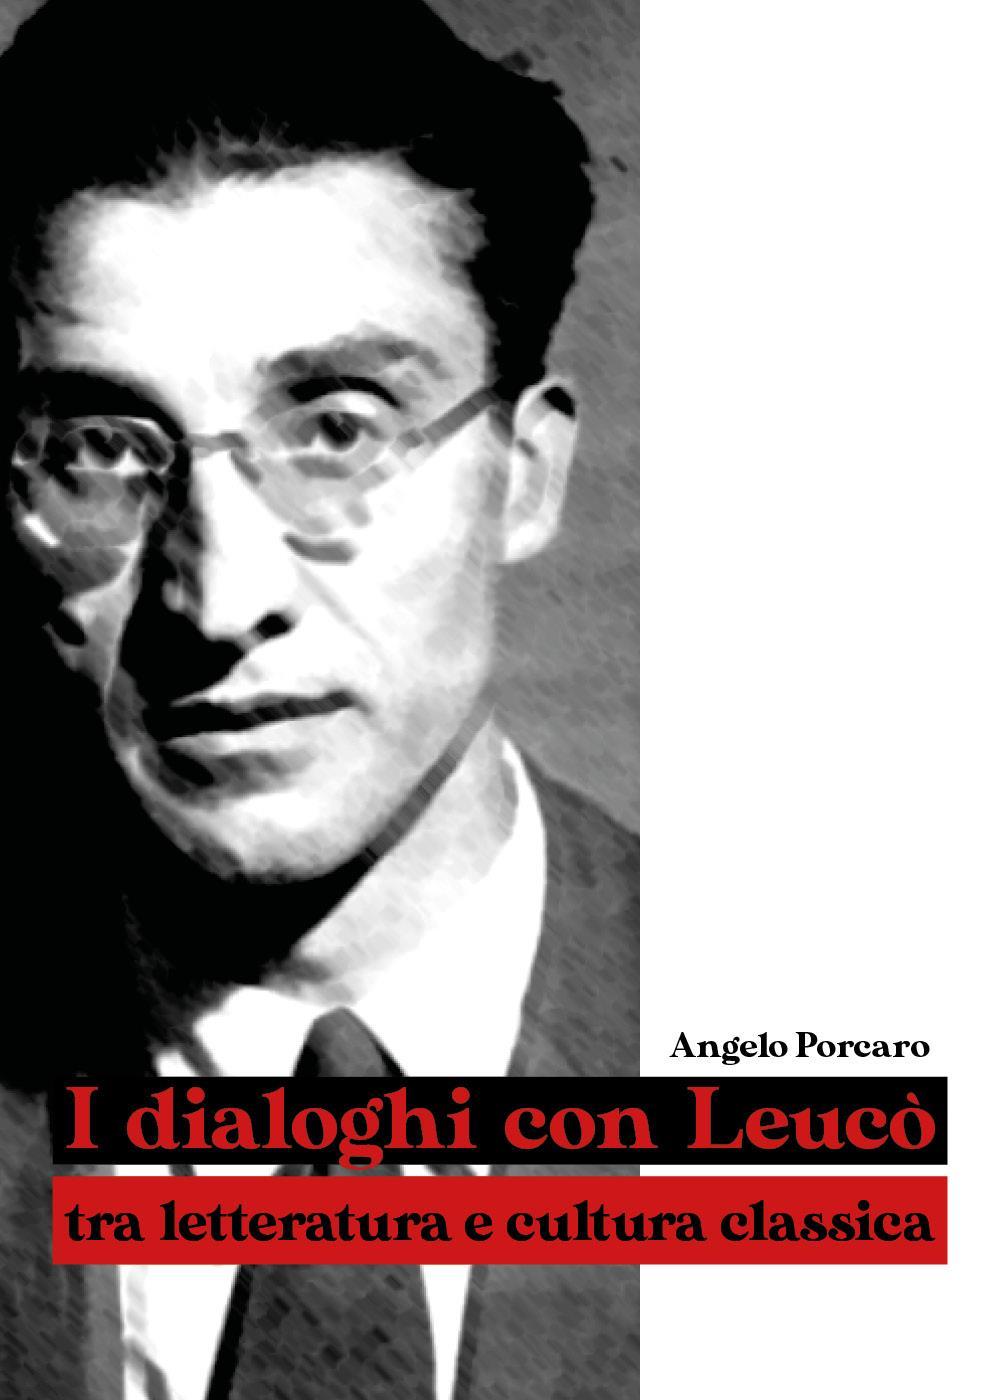 I dialoghi con Leucò tra letteratura e cultura classica